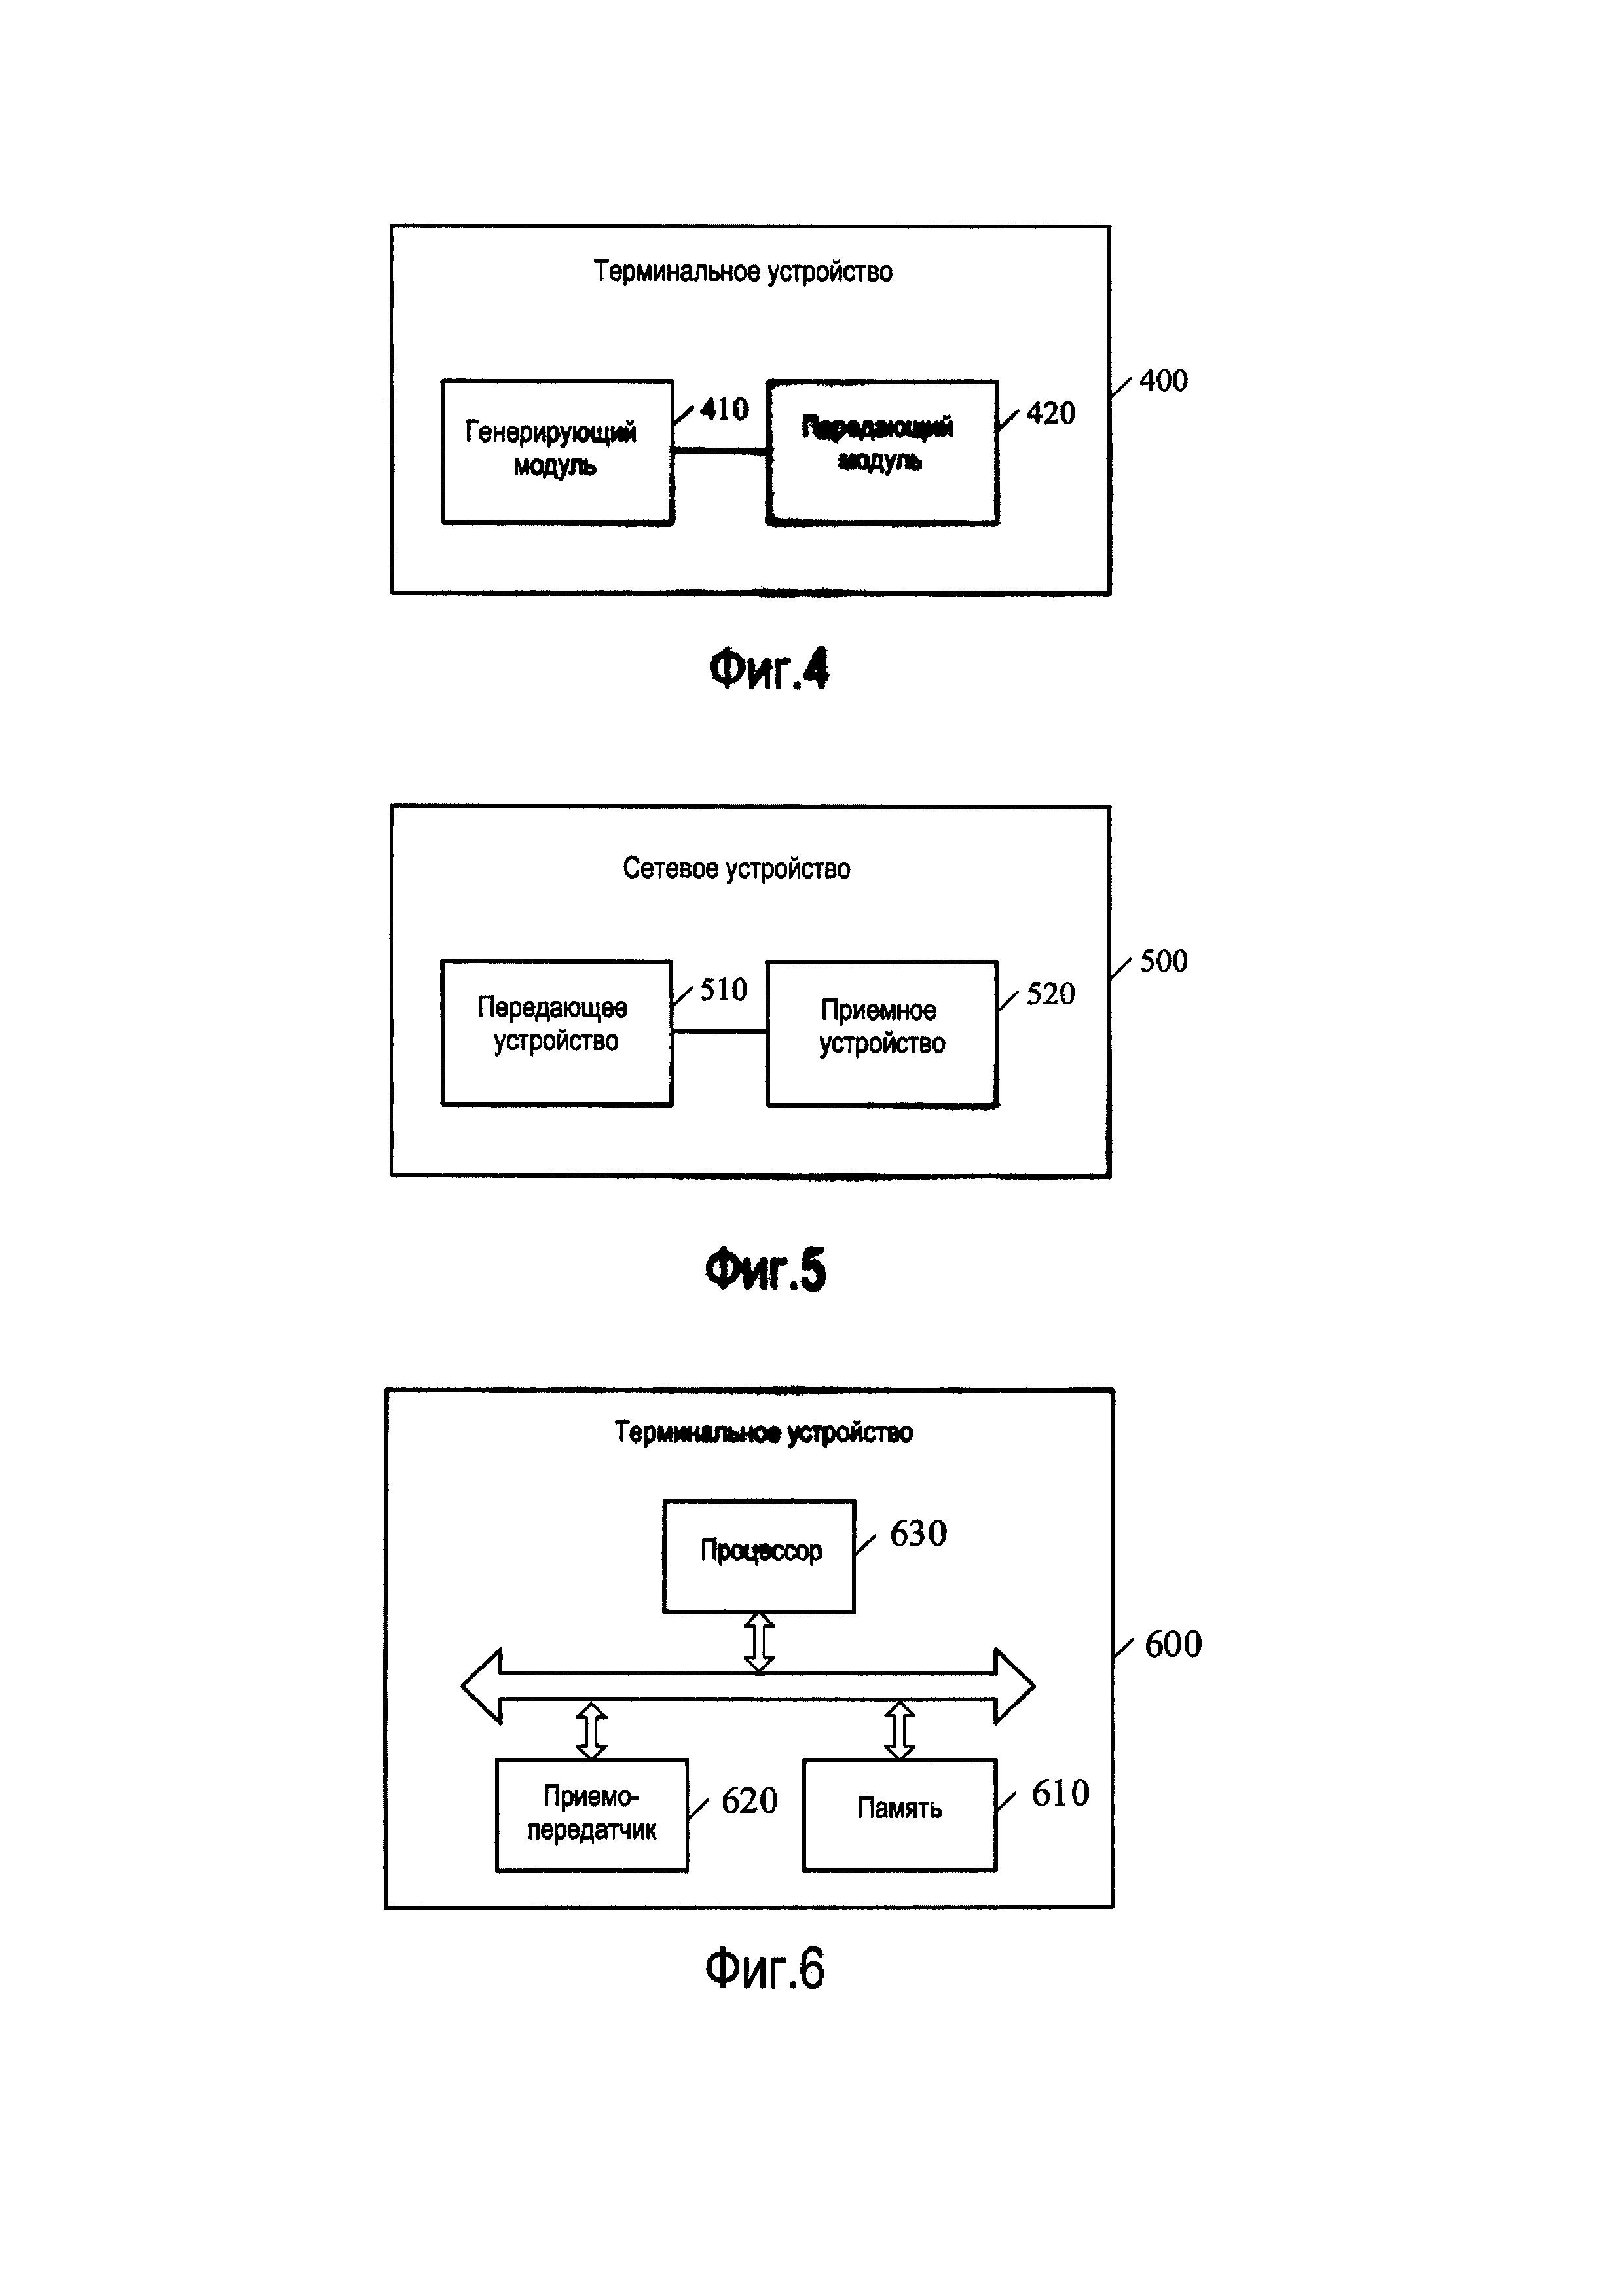 Способ связи, сетевое оборудование и терминальное оборудование